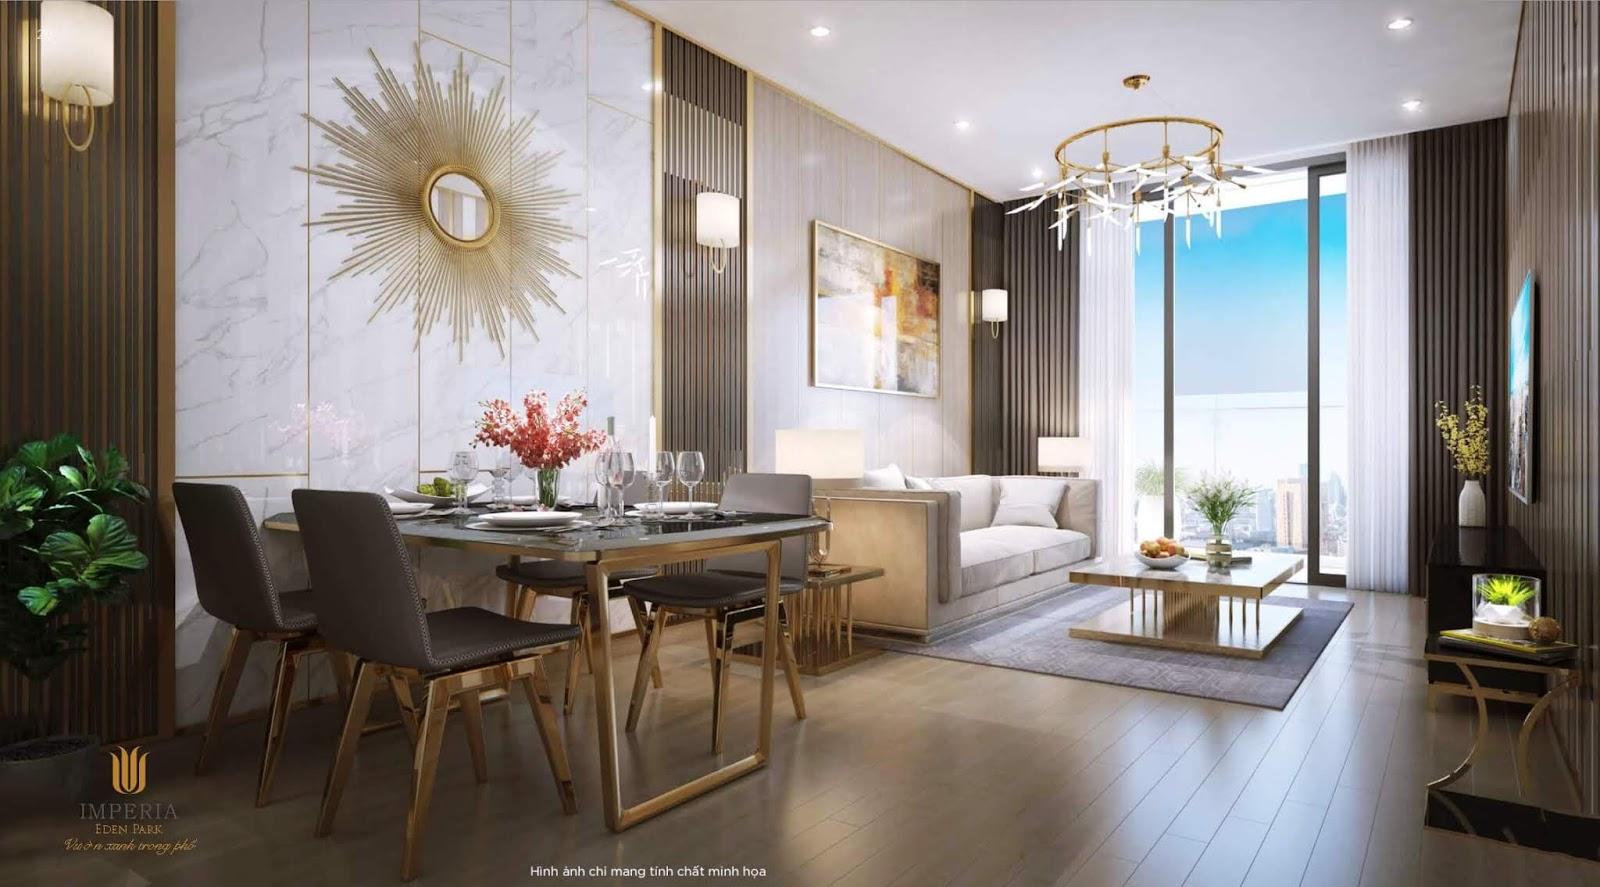 Phòng khách căn hộ mẫu chung cư Imperia Eden Park